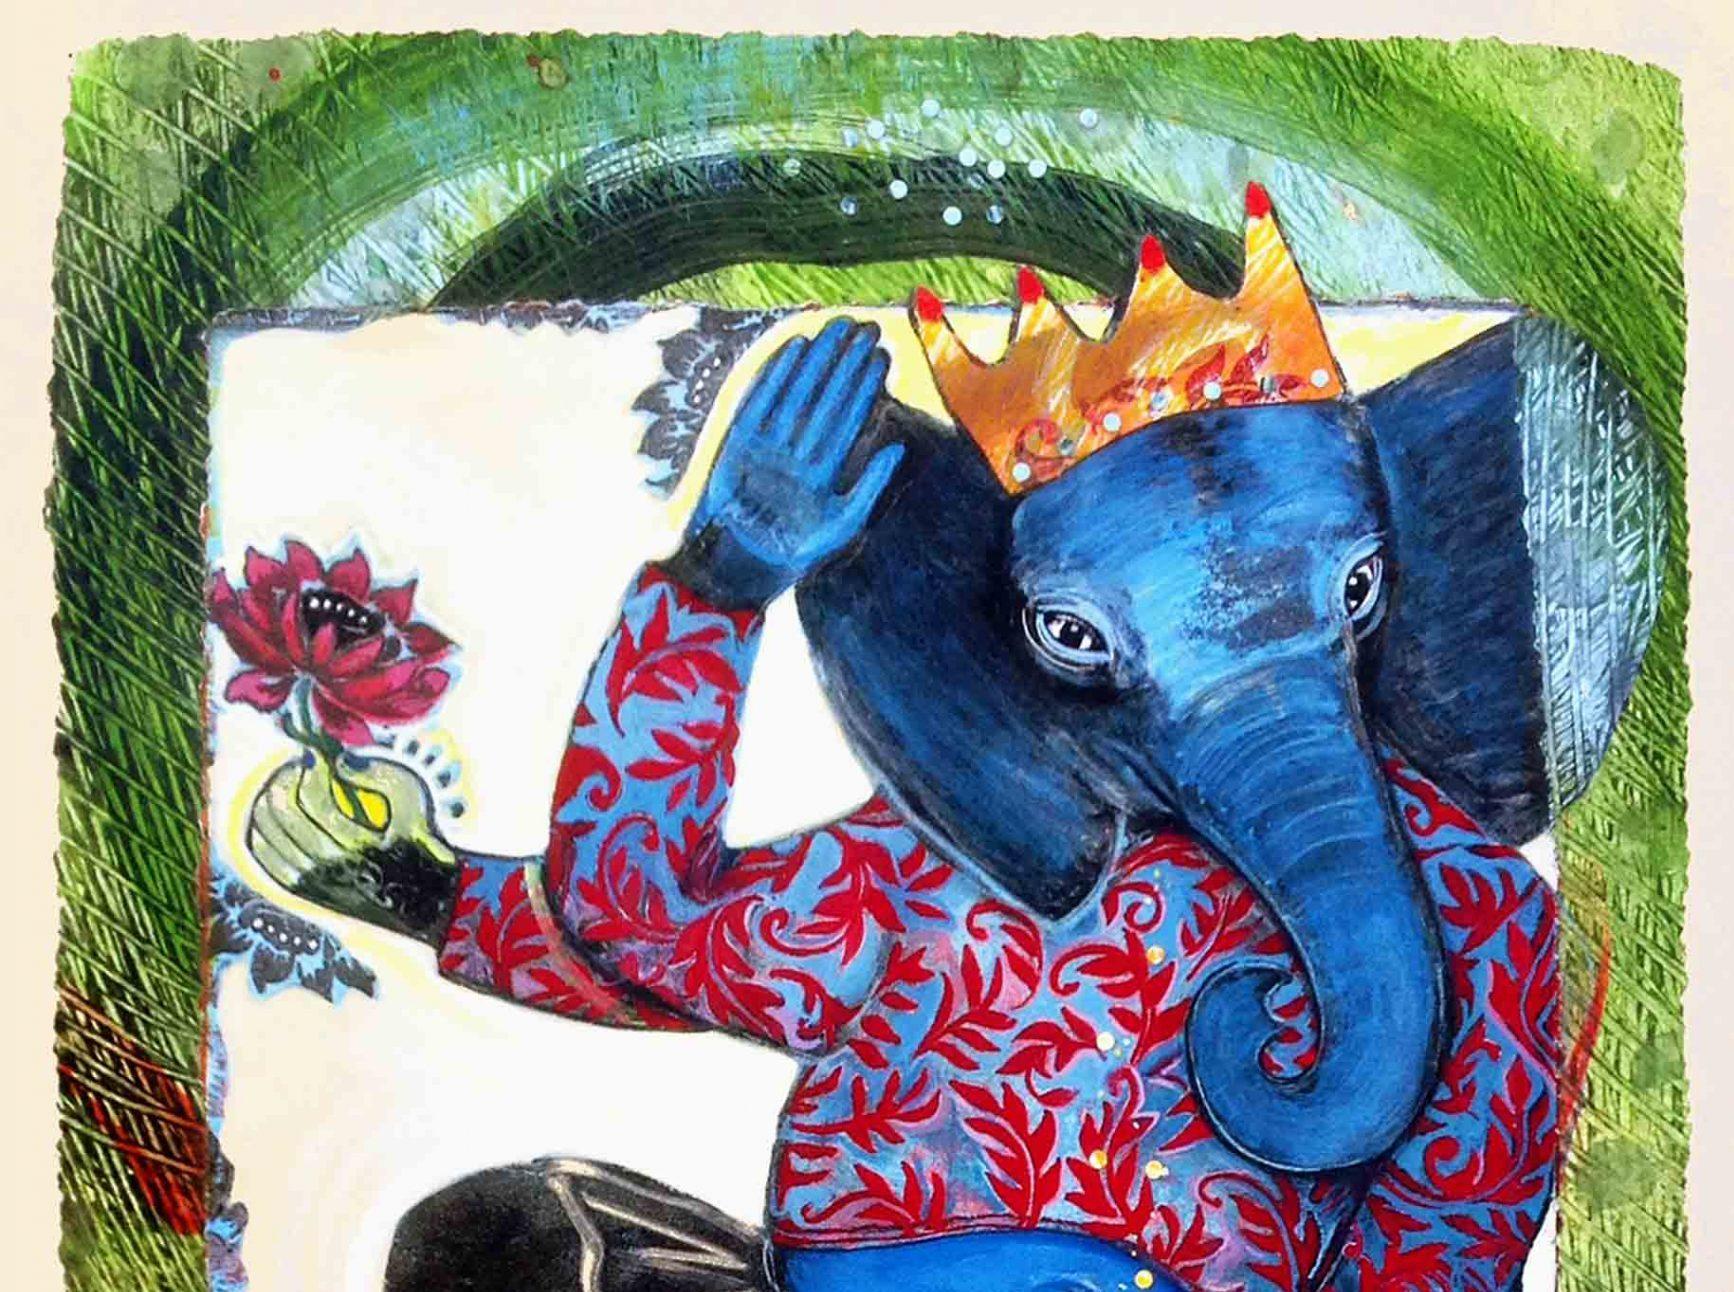 Denise Kester: Ganesh's Daughter